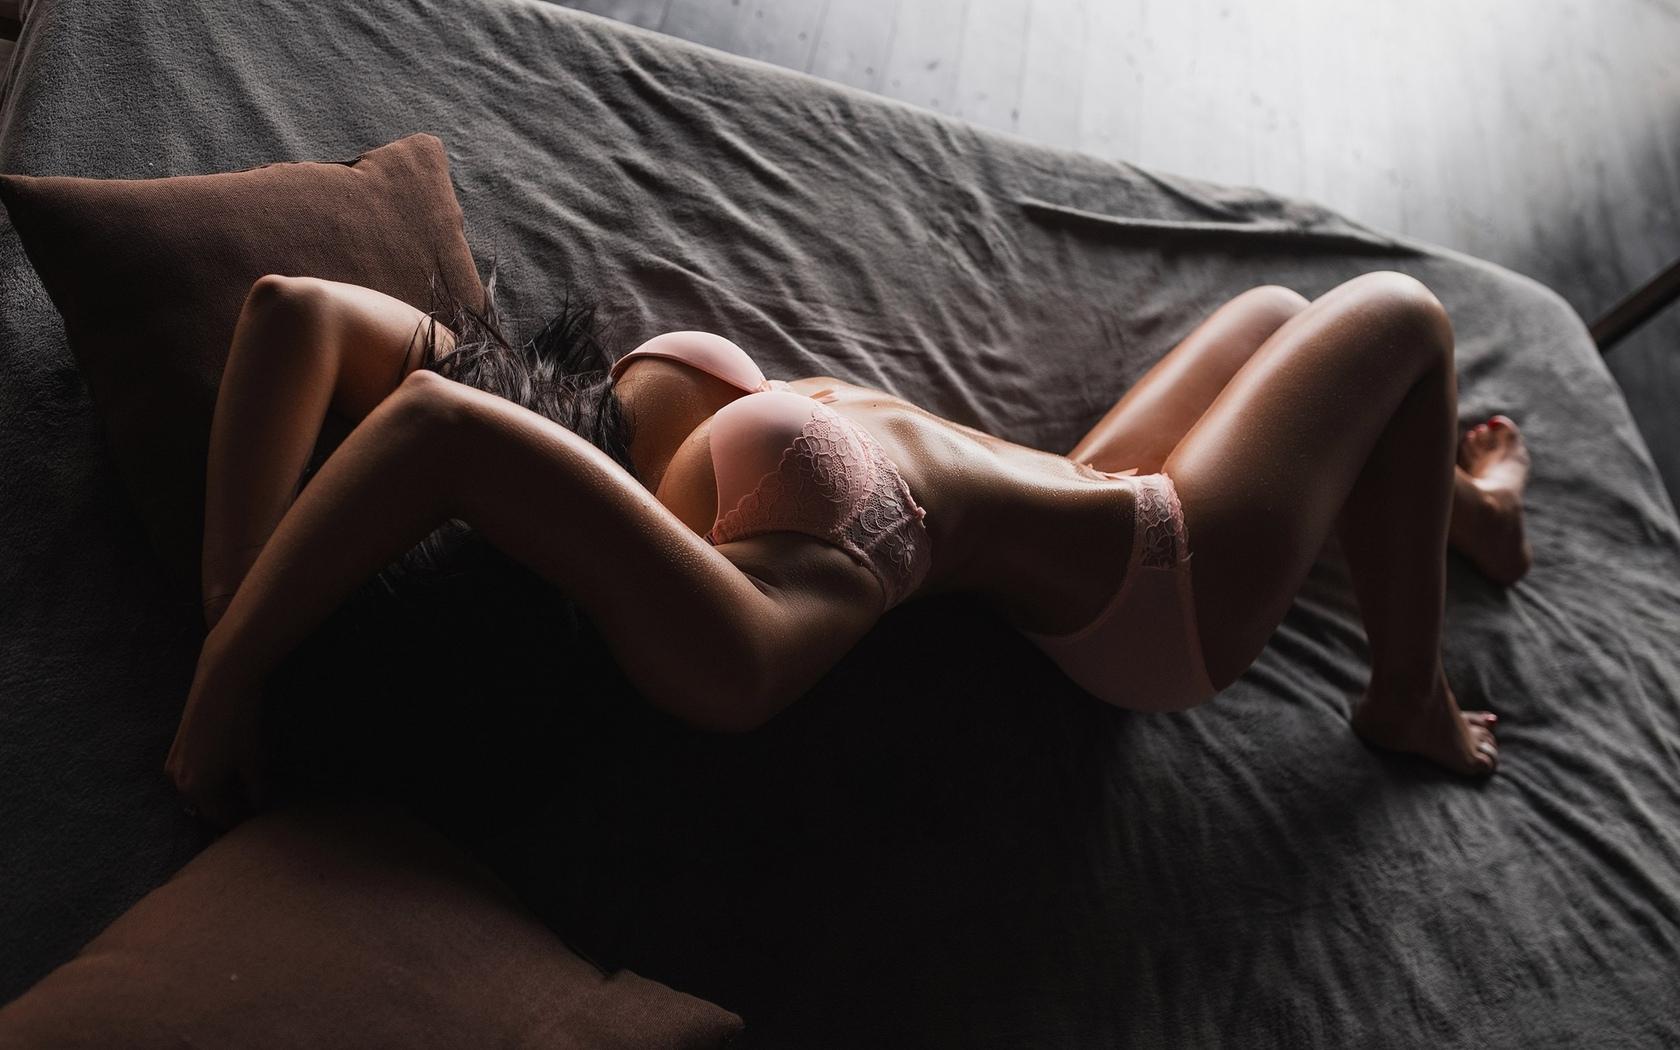 женщины, в постели, белое белье, жопа, загорелый живот, вид сверху